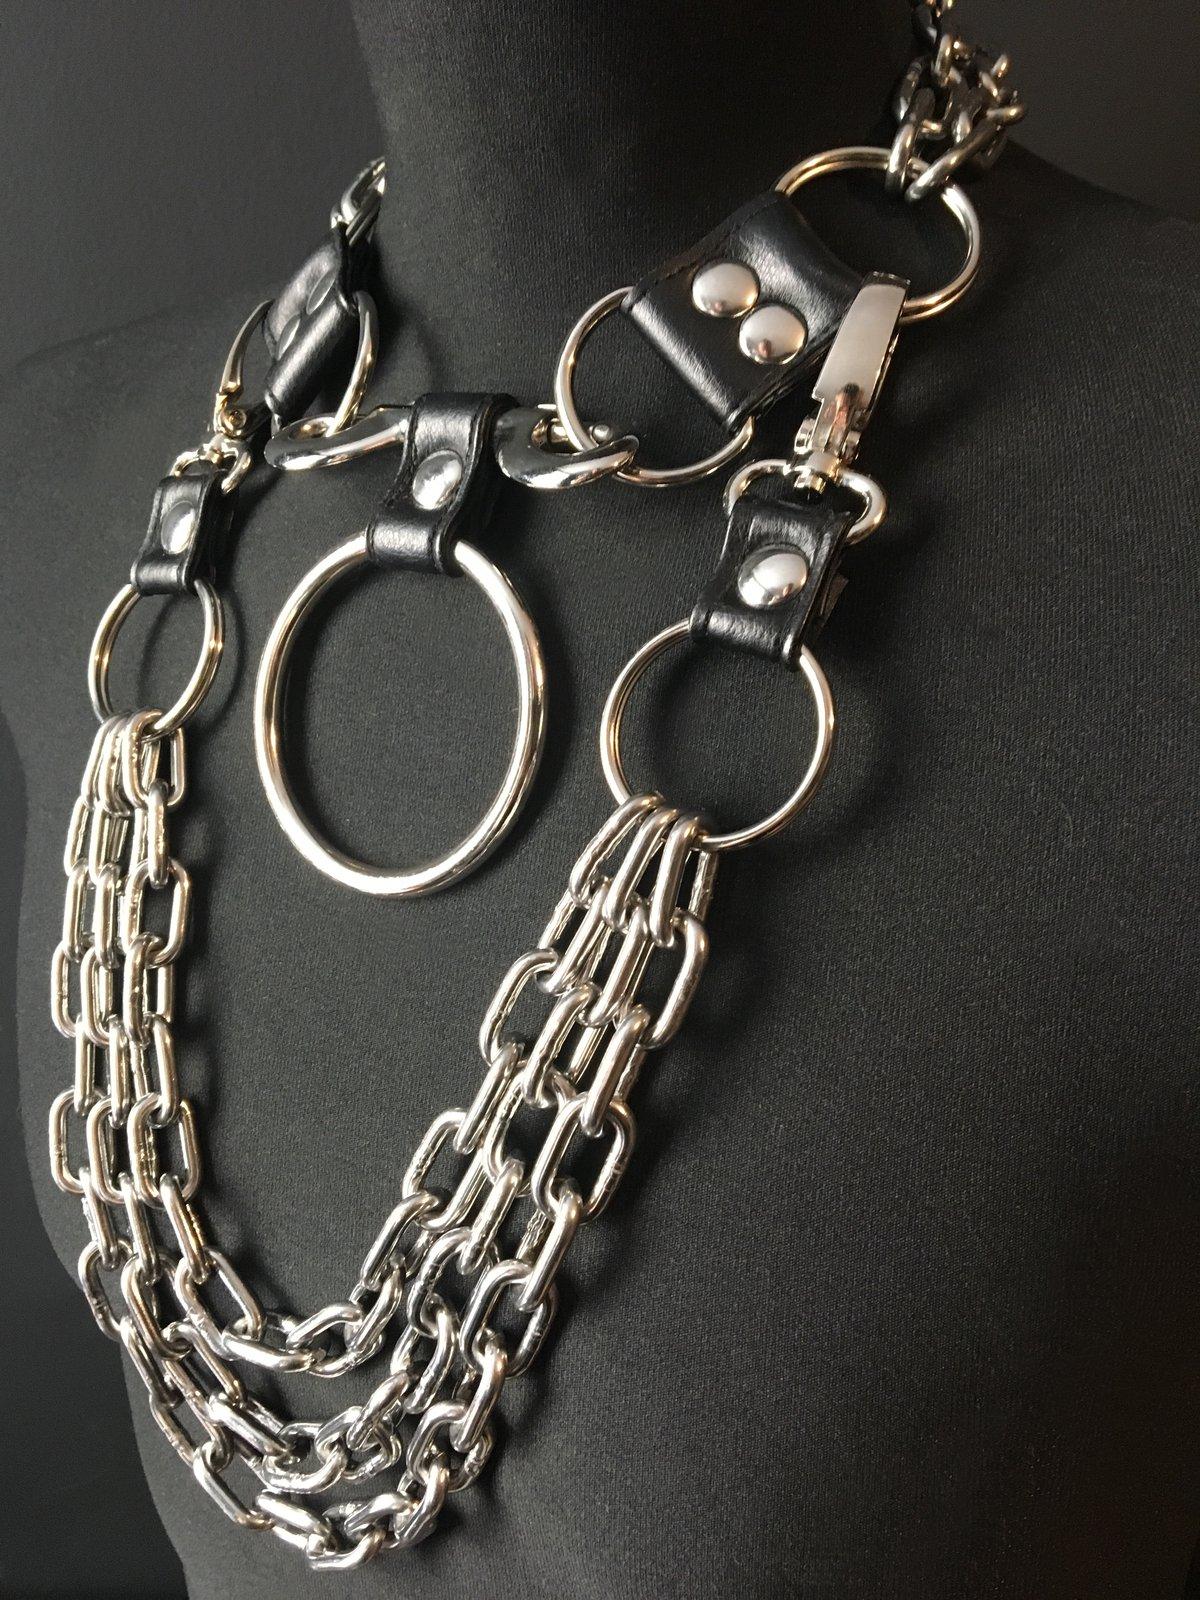 Gotte necklace